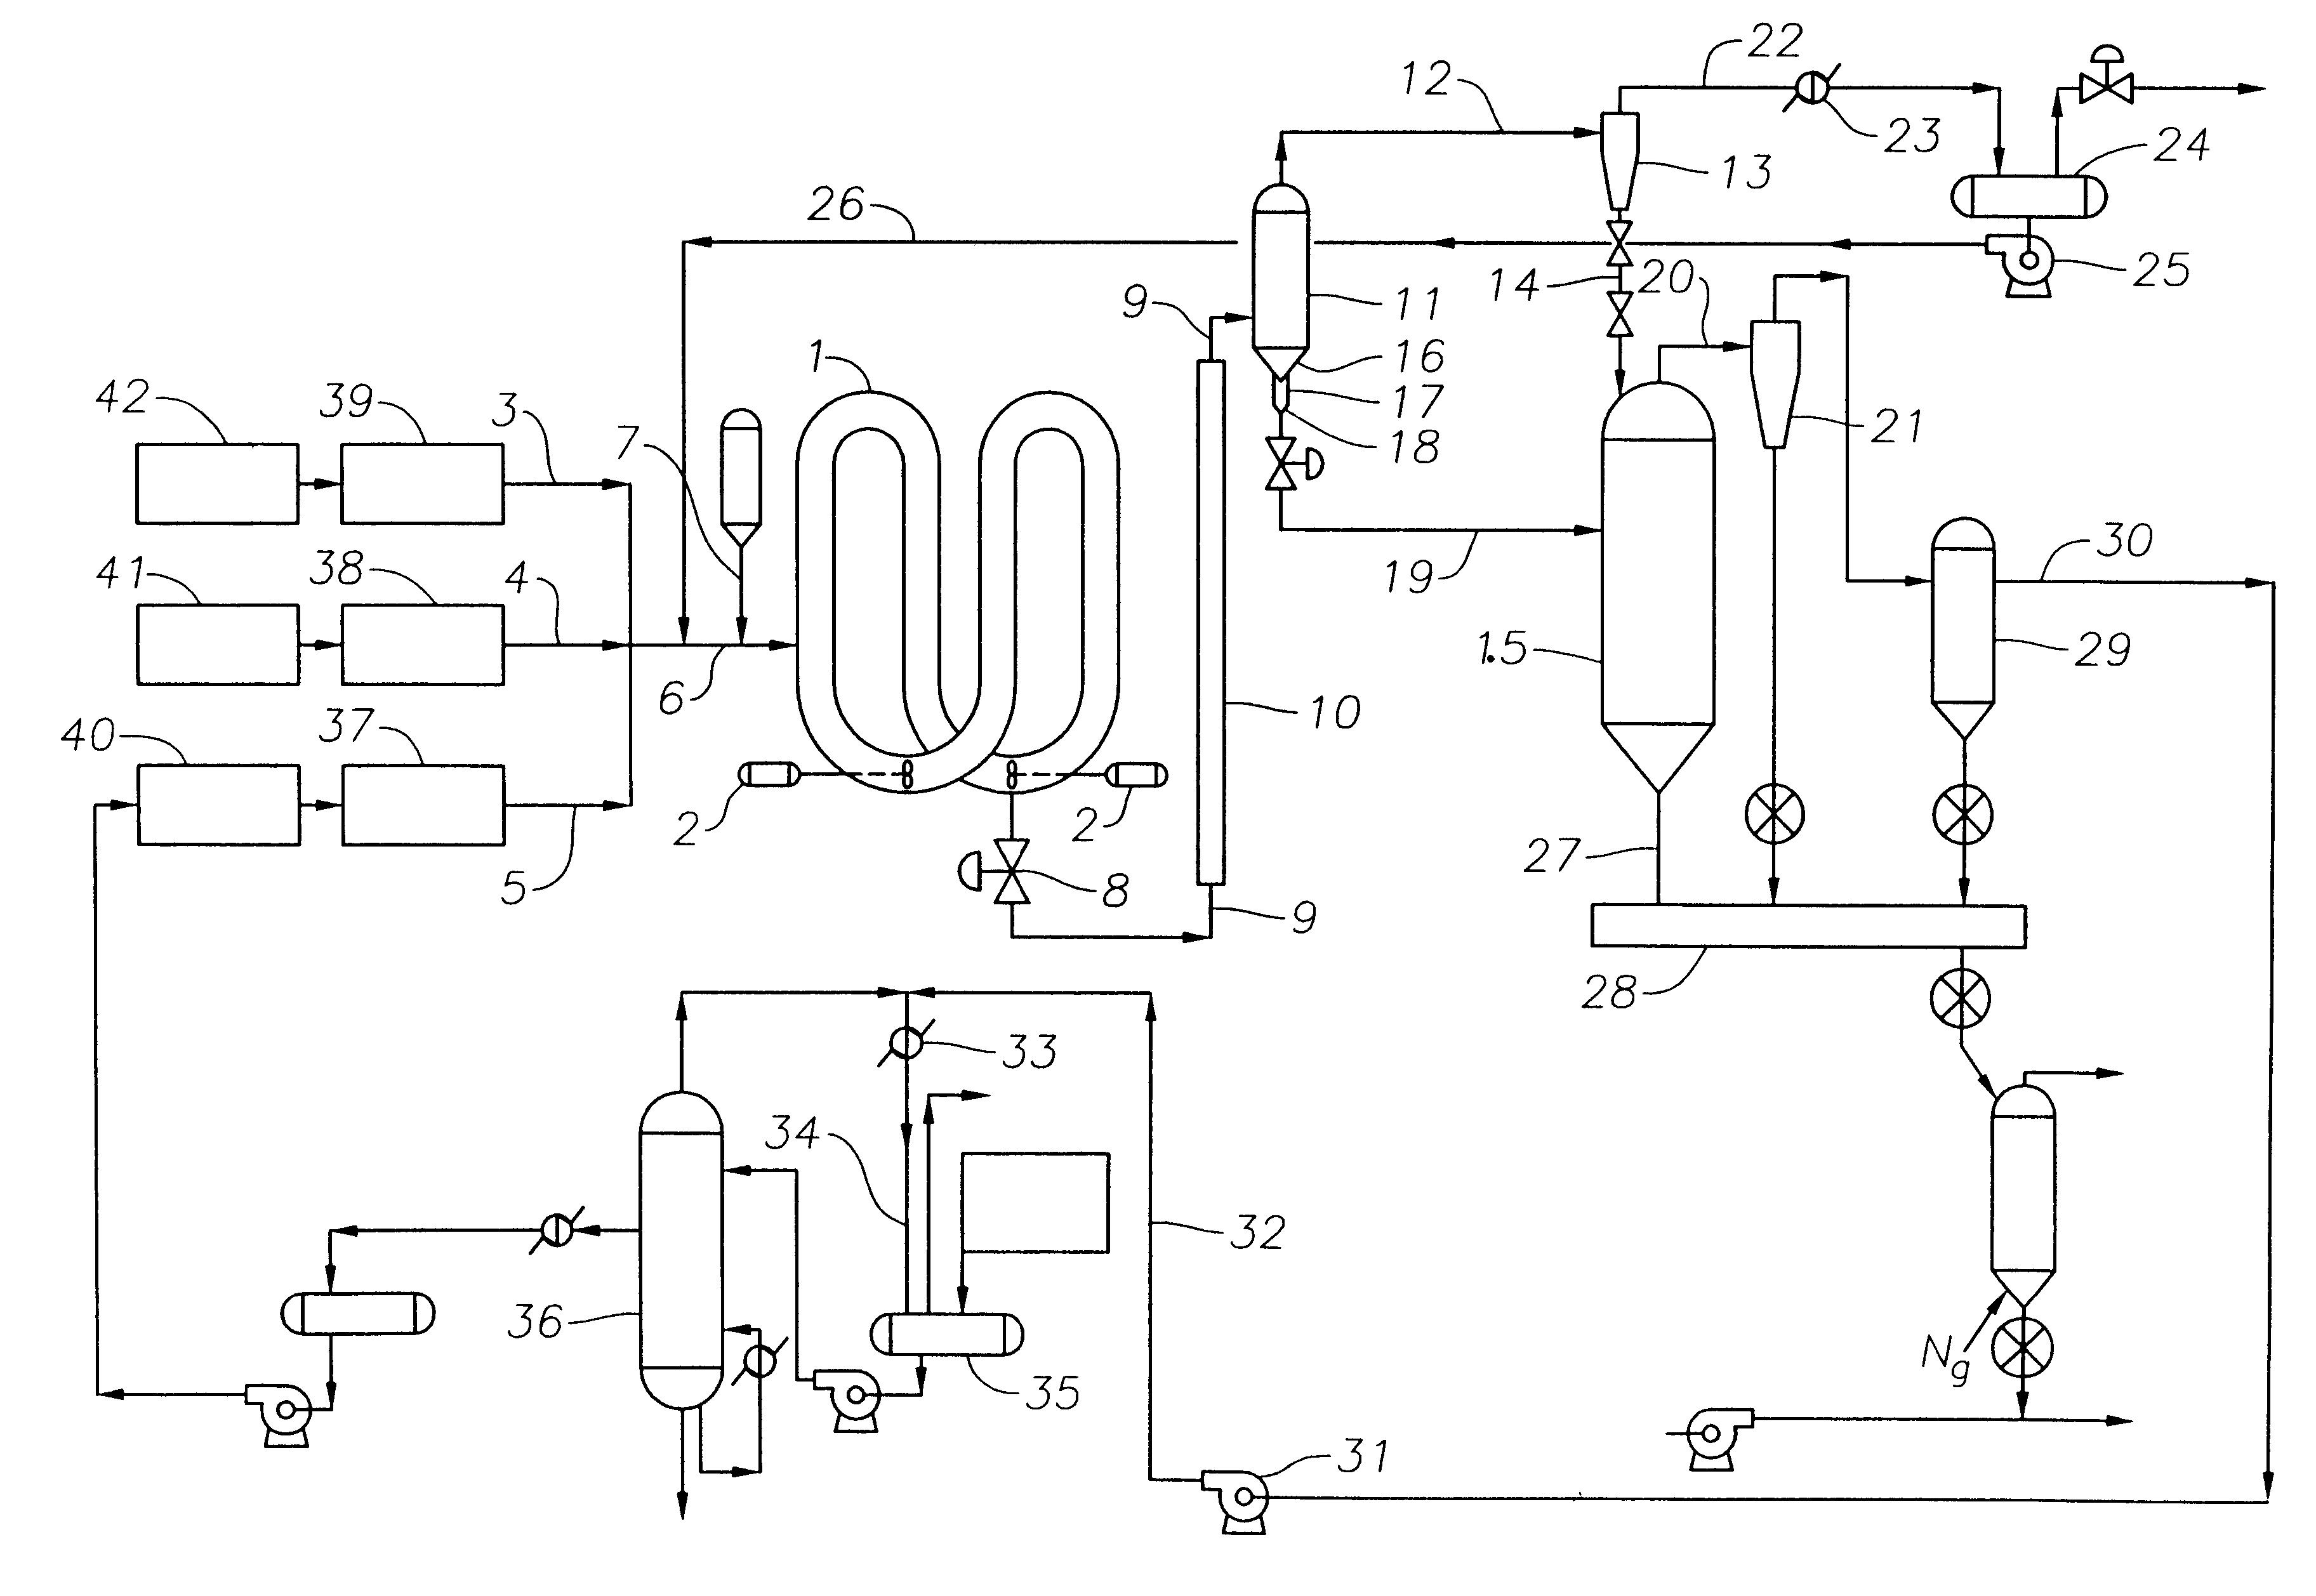 patent us6380325